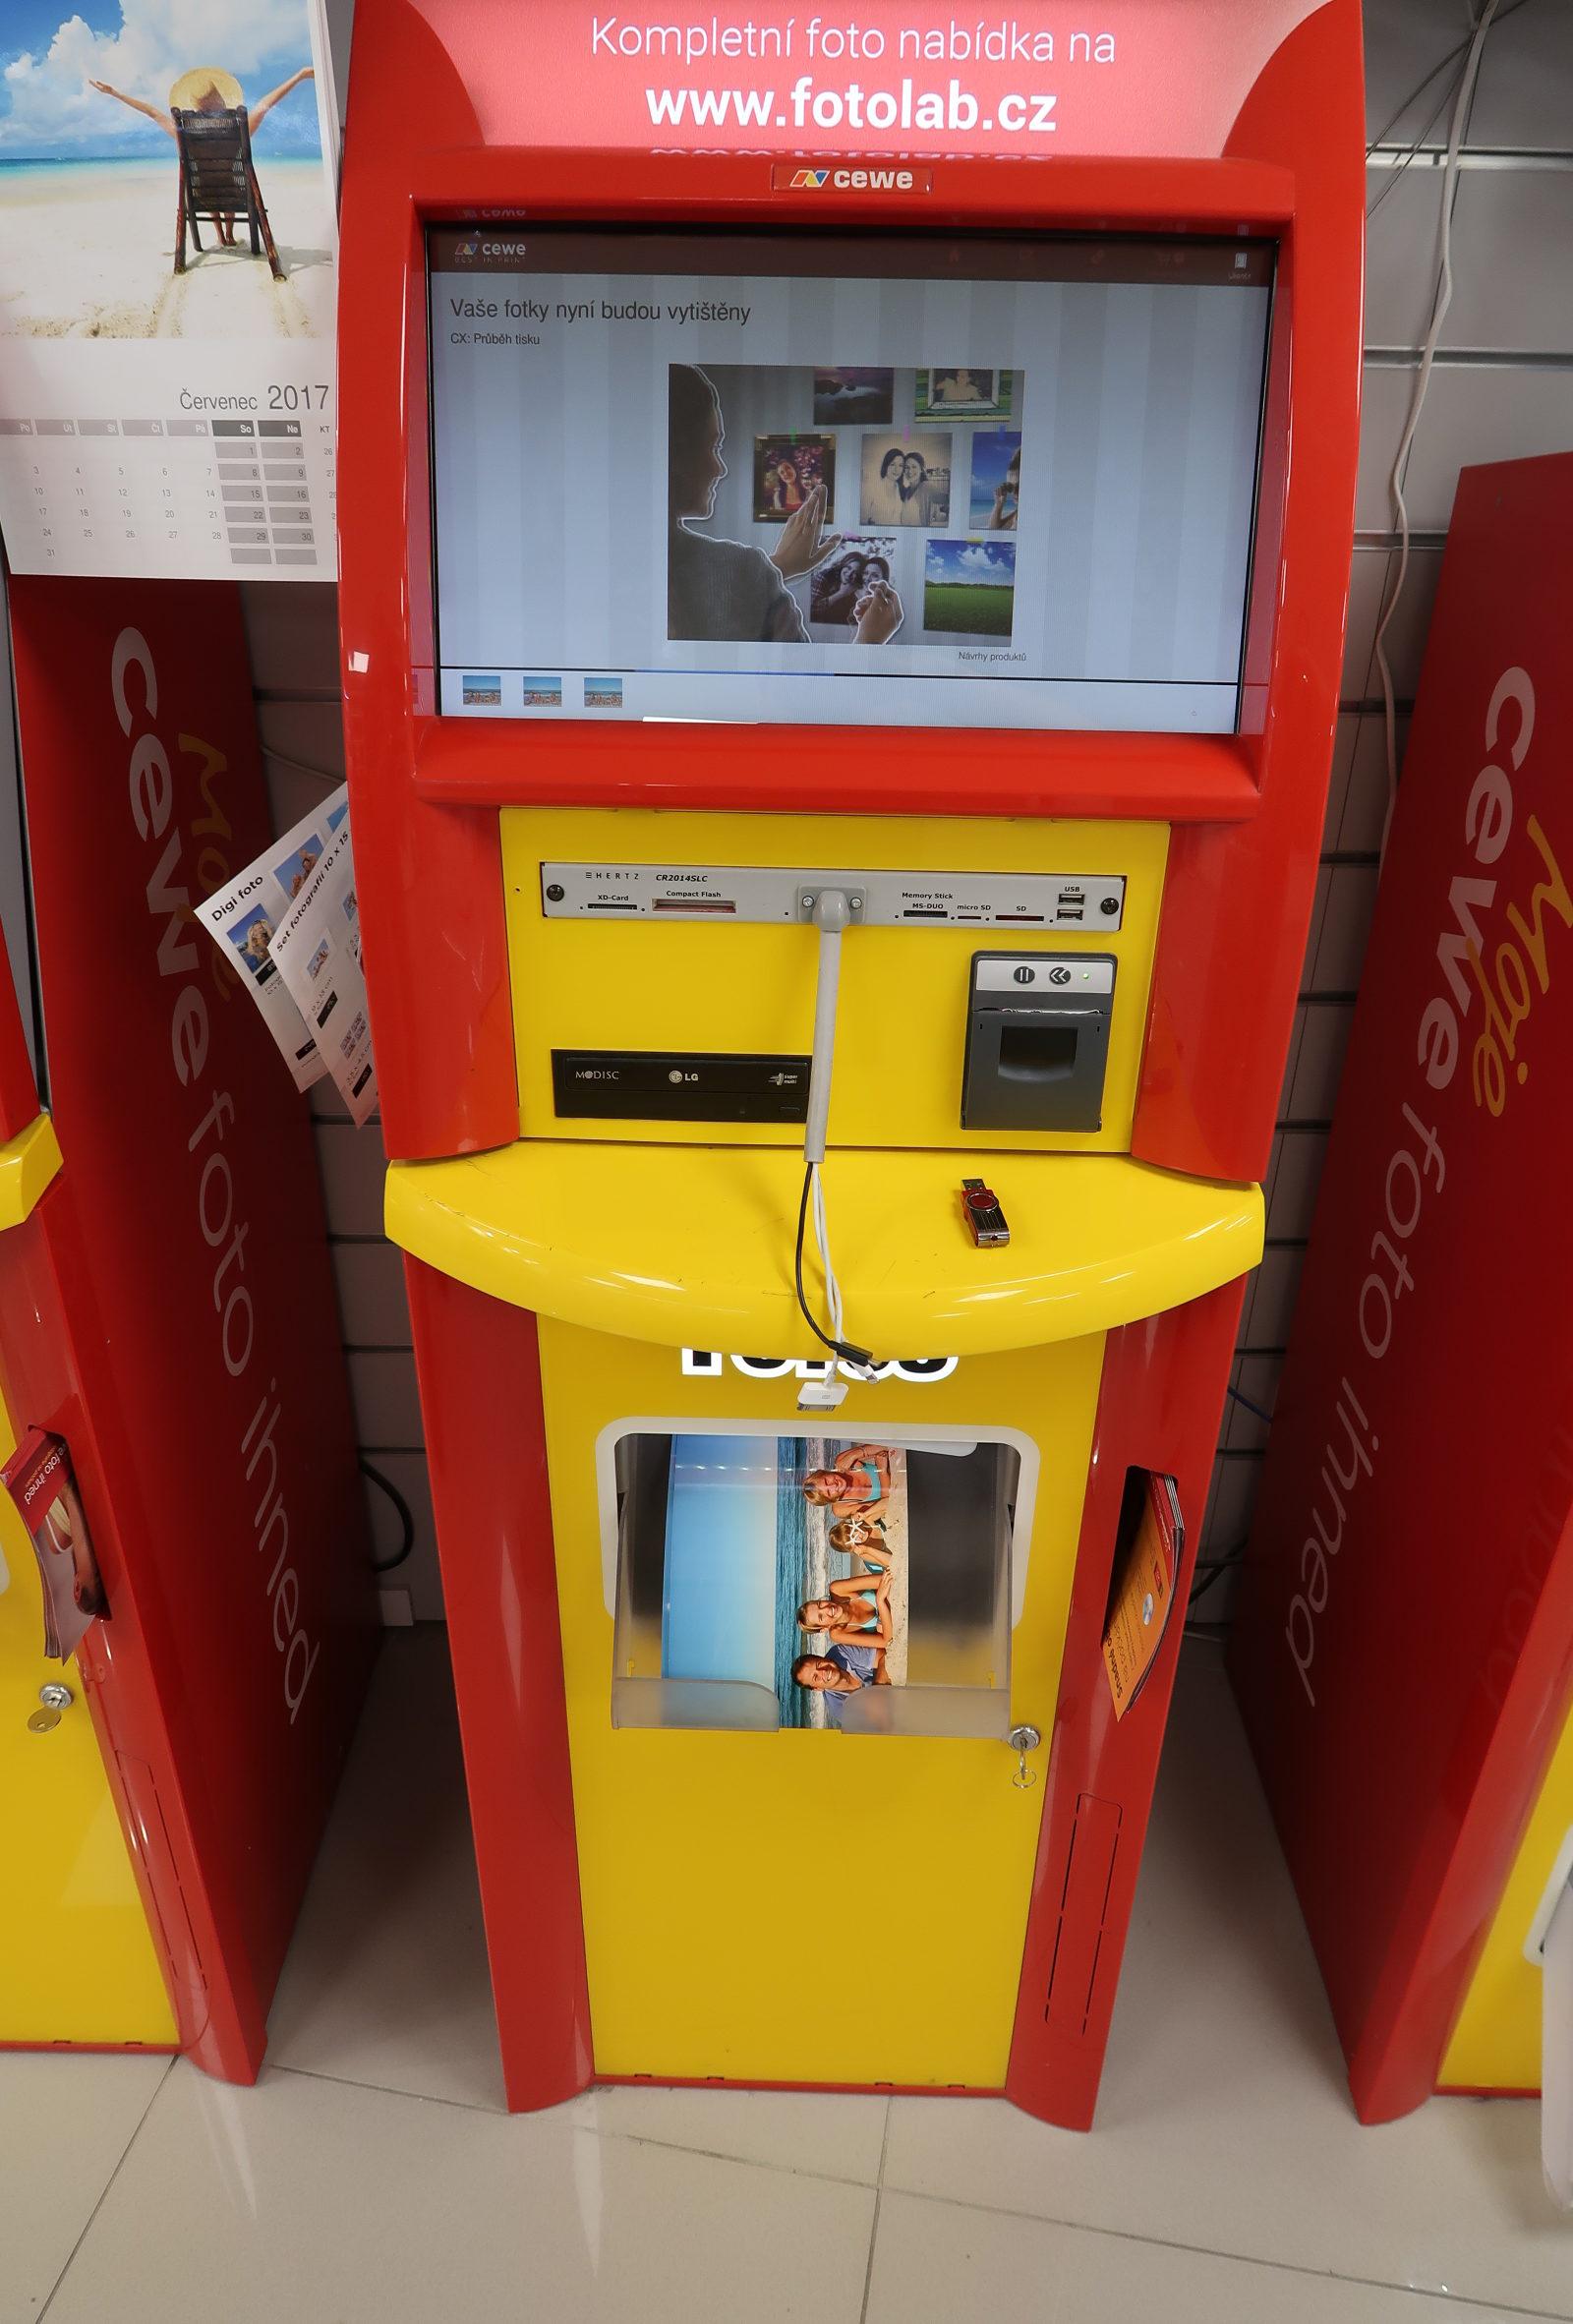 Tisk fotografií na počkání na fotokiosku na prodejnách FOTOLAB